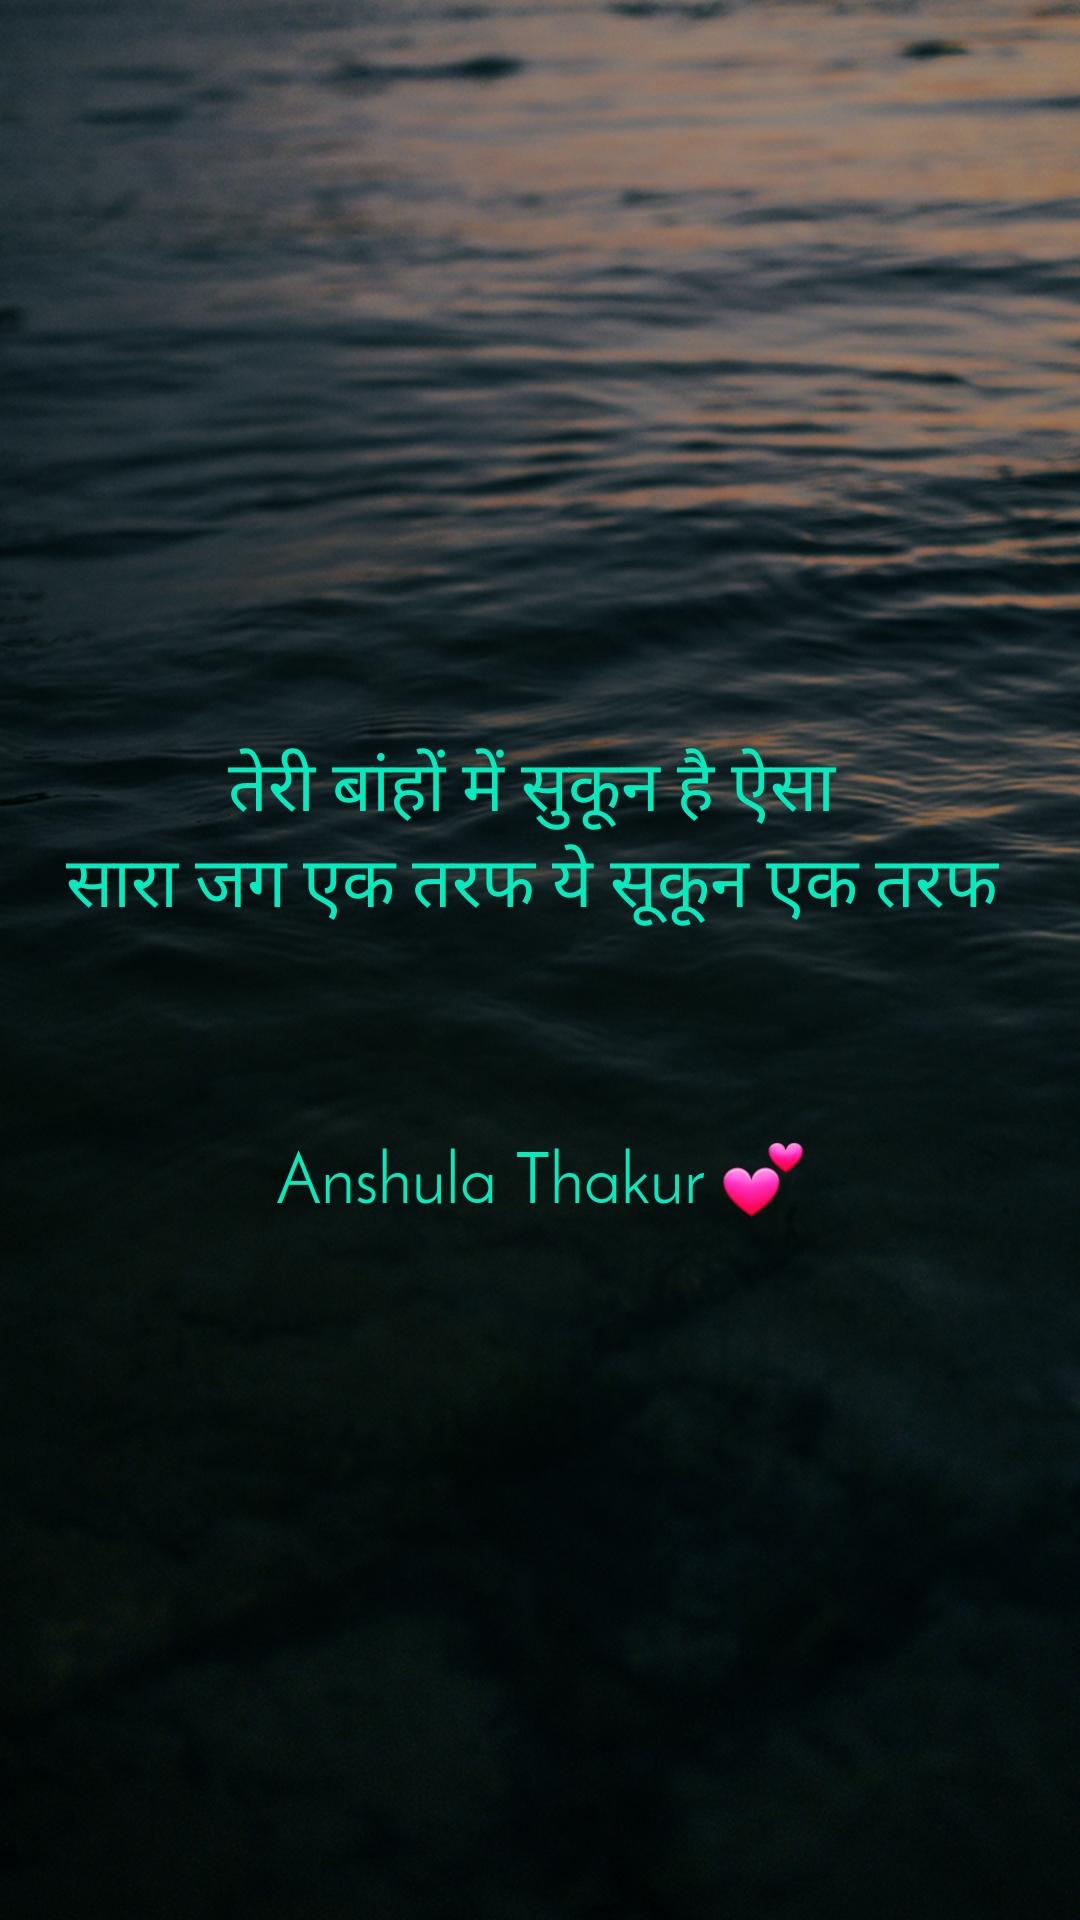 तेरी बांहों में सुकून है ऐसा  सारा जग एक तरफ ये सूकून एक तरफ     Anshula Thakur 💕